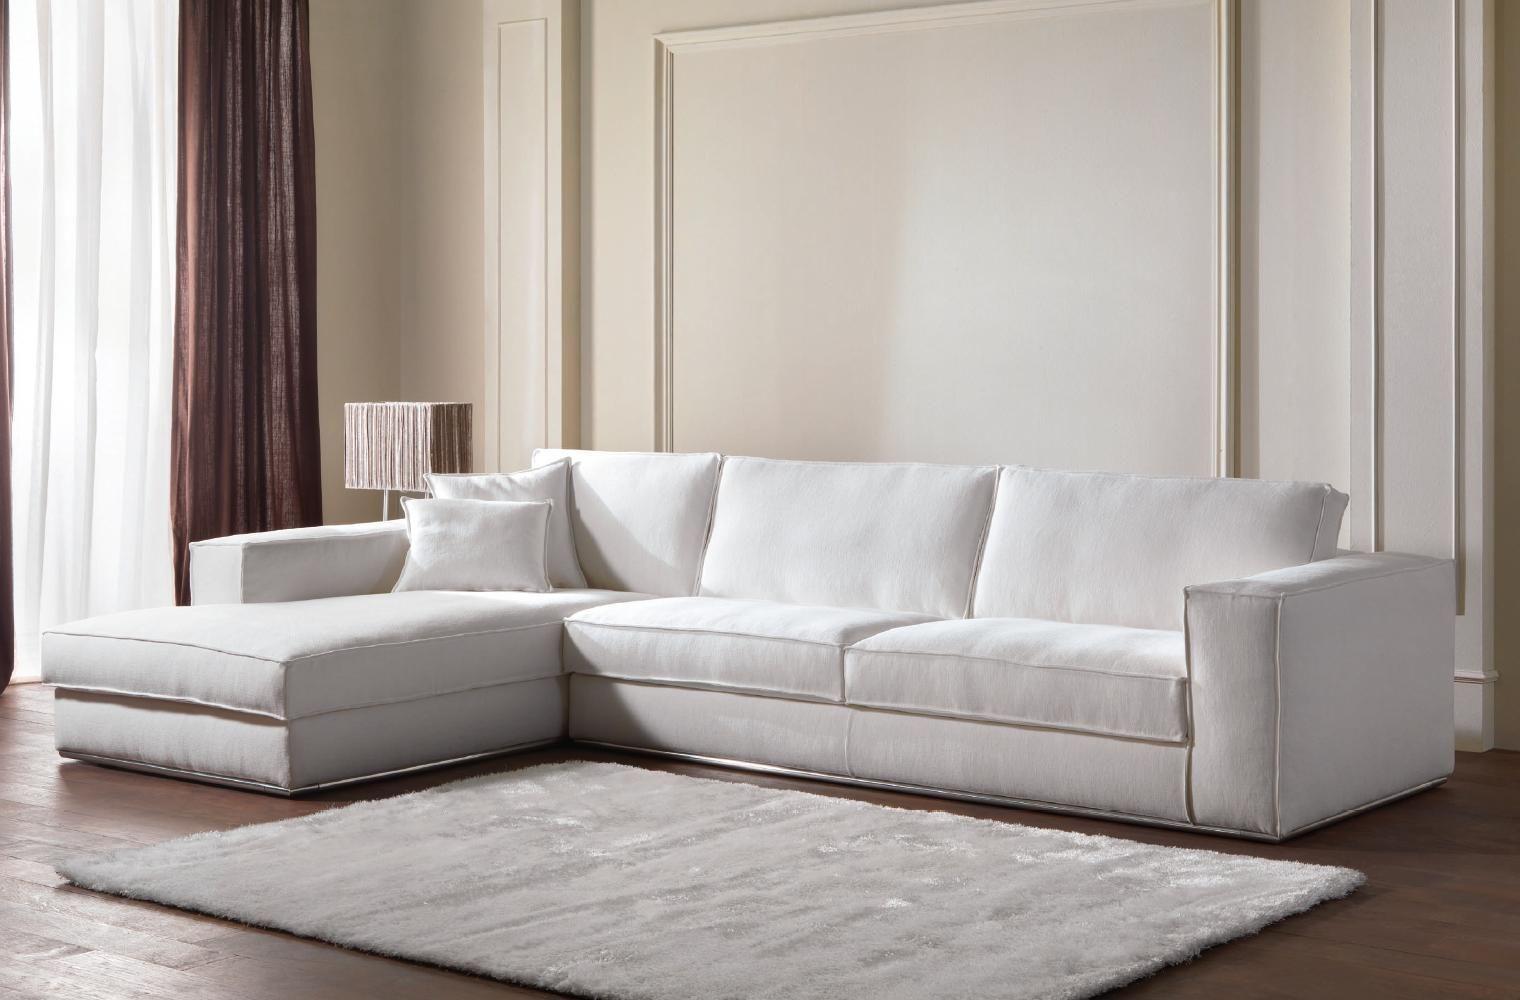 Divano moderno Feel, divano moderno, divano componibile